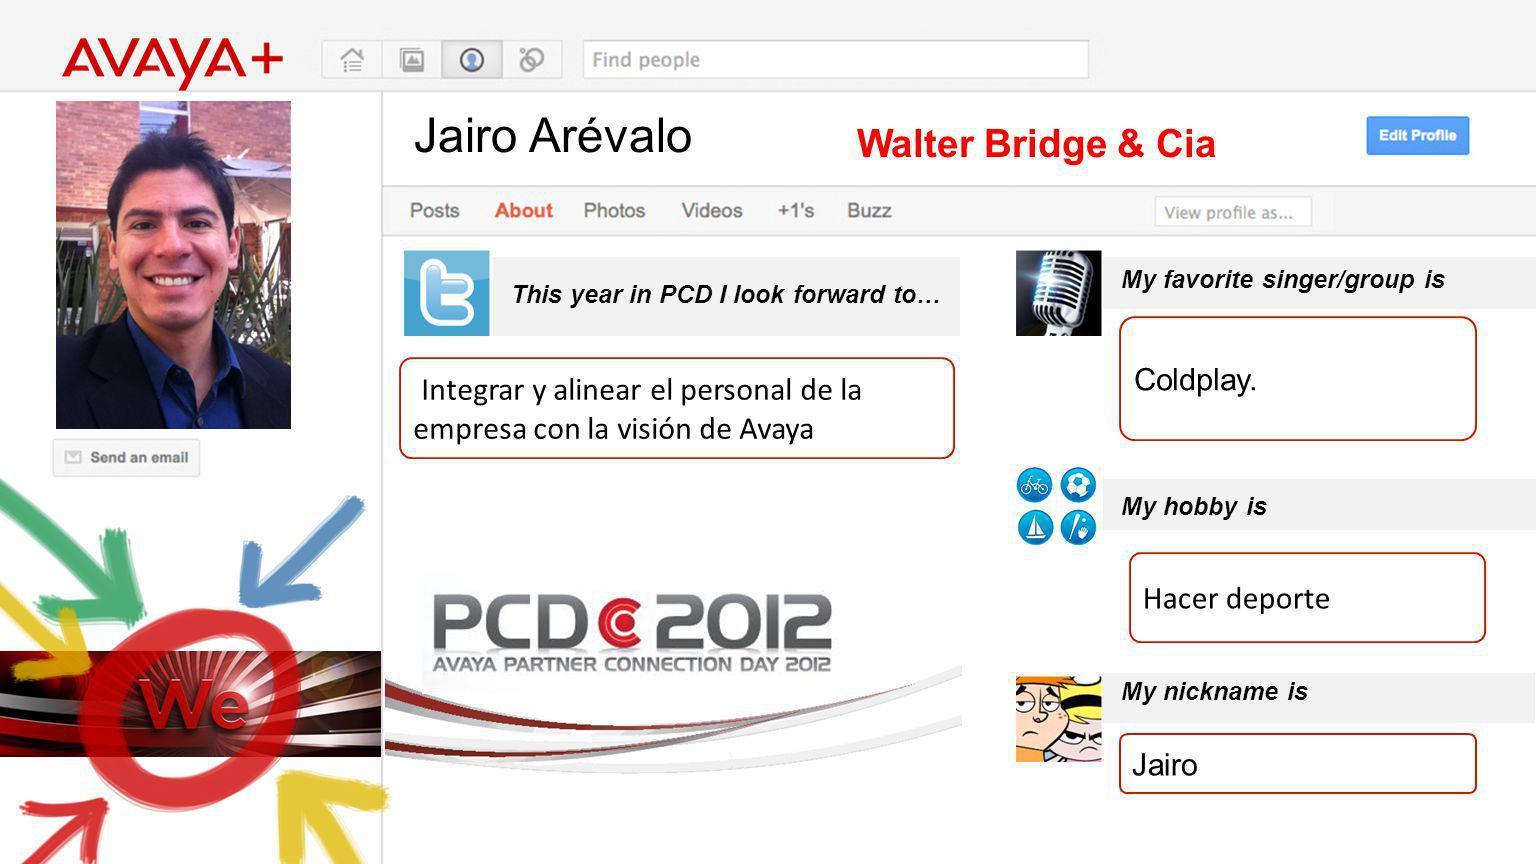 Jairo Arévalo This year in PCD I look forward to… Walter Bridge & Cia Integrar y alinear el personal de la empresa con la visión de Avaya My favorite